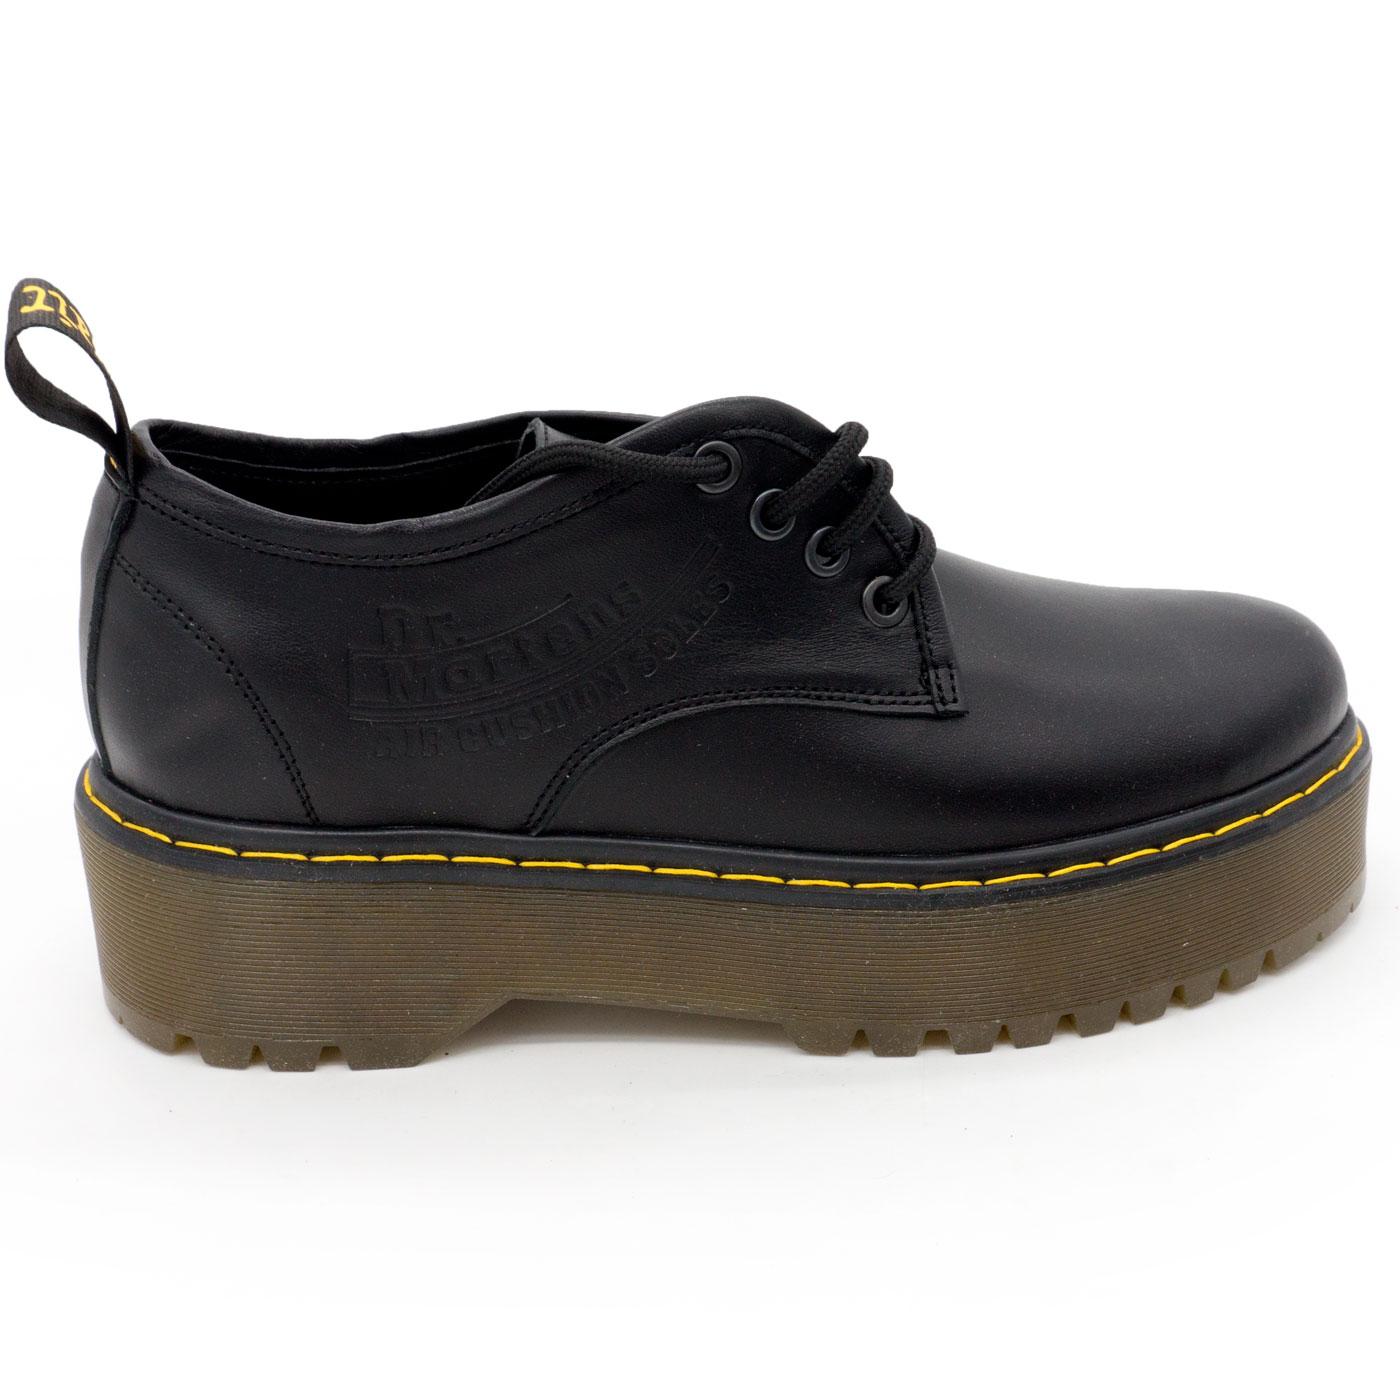 фото main Черные женские туфли Dr. Martens на платформе, натуральная кожа main